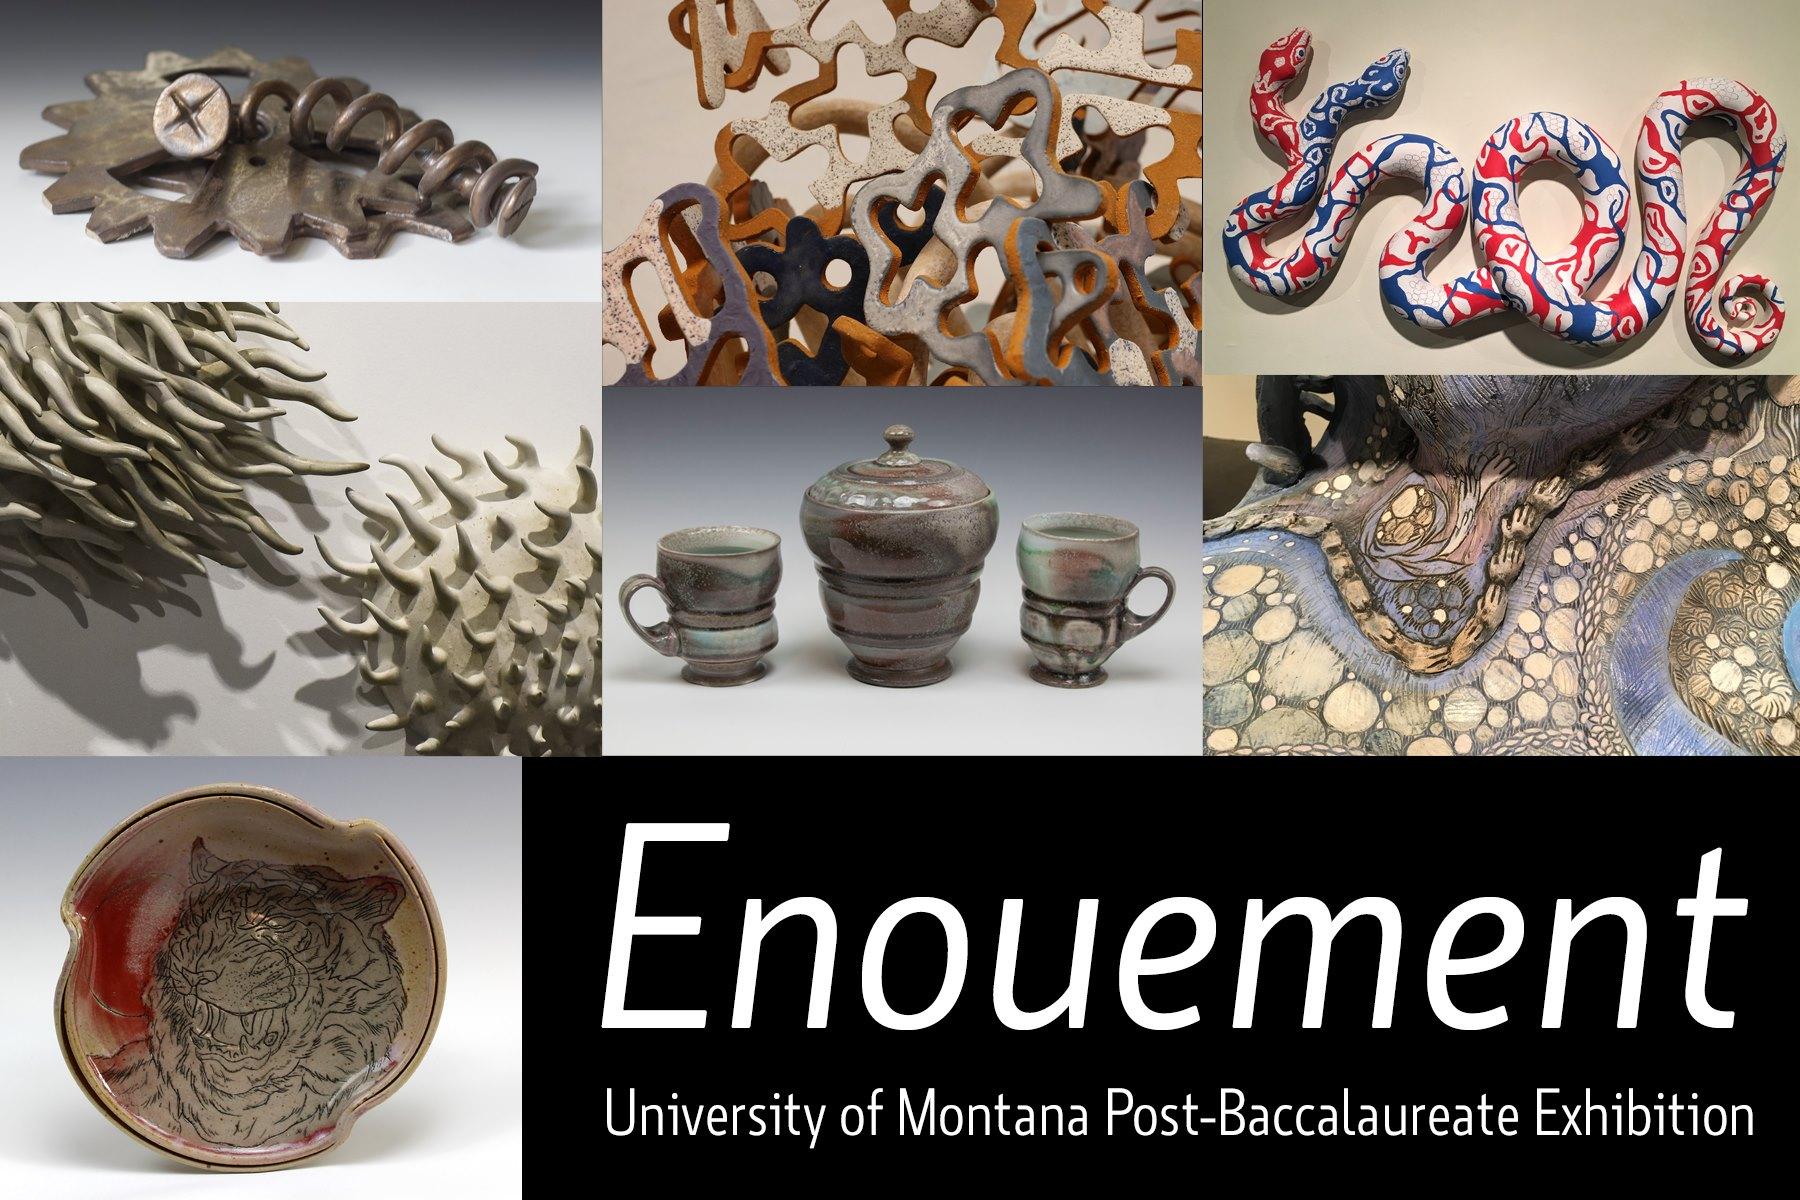 Enouement: U of M Post-Bacc Exhibit